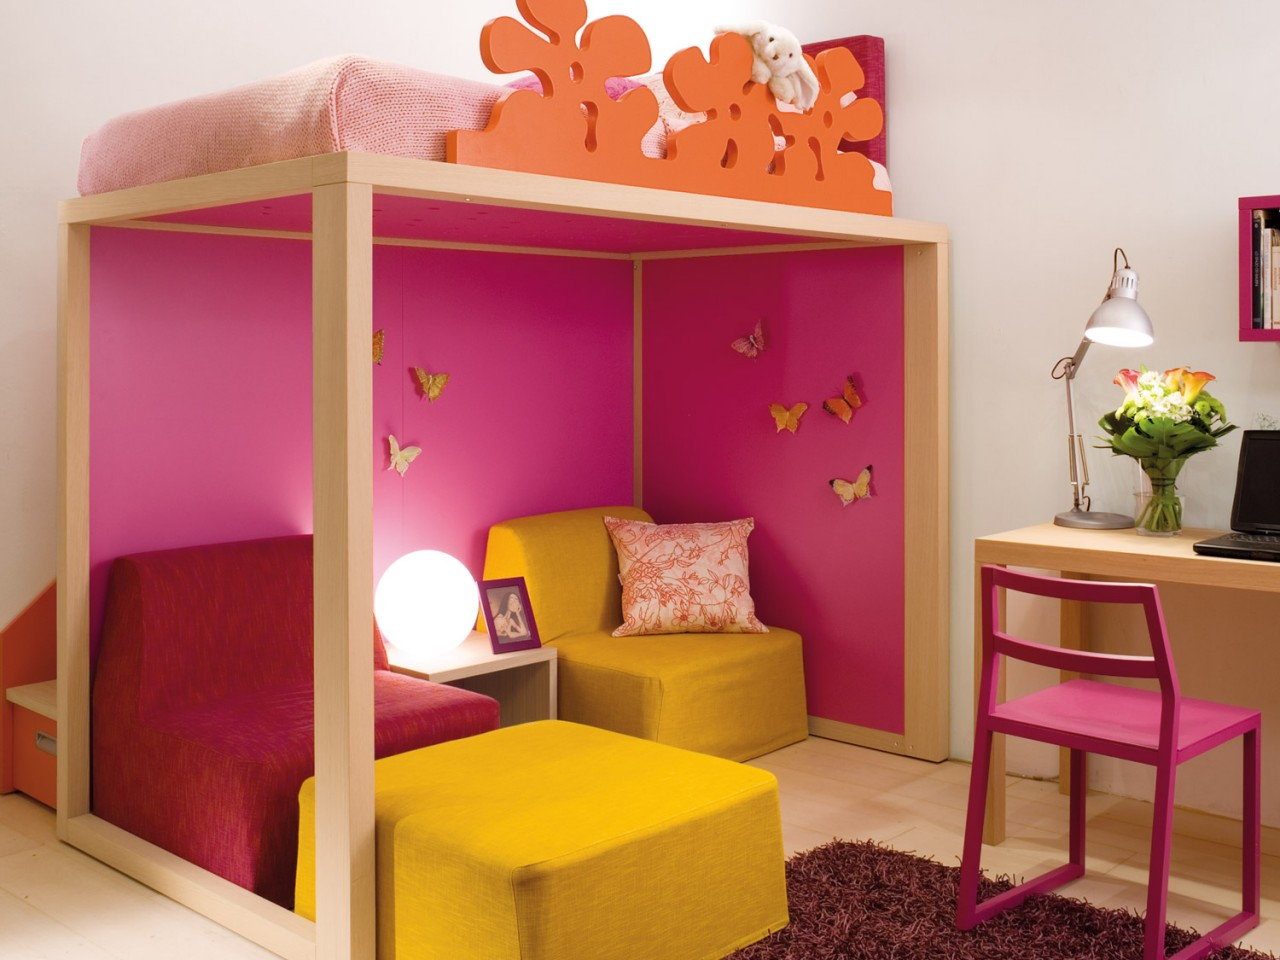 Camera letto rialzato : camera con letto rialzato. camera letto ...